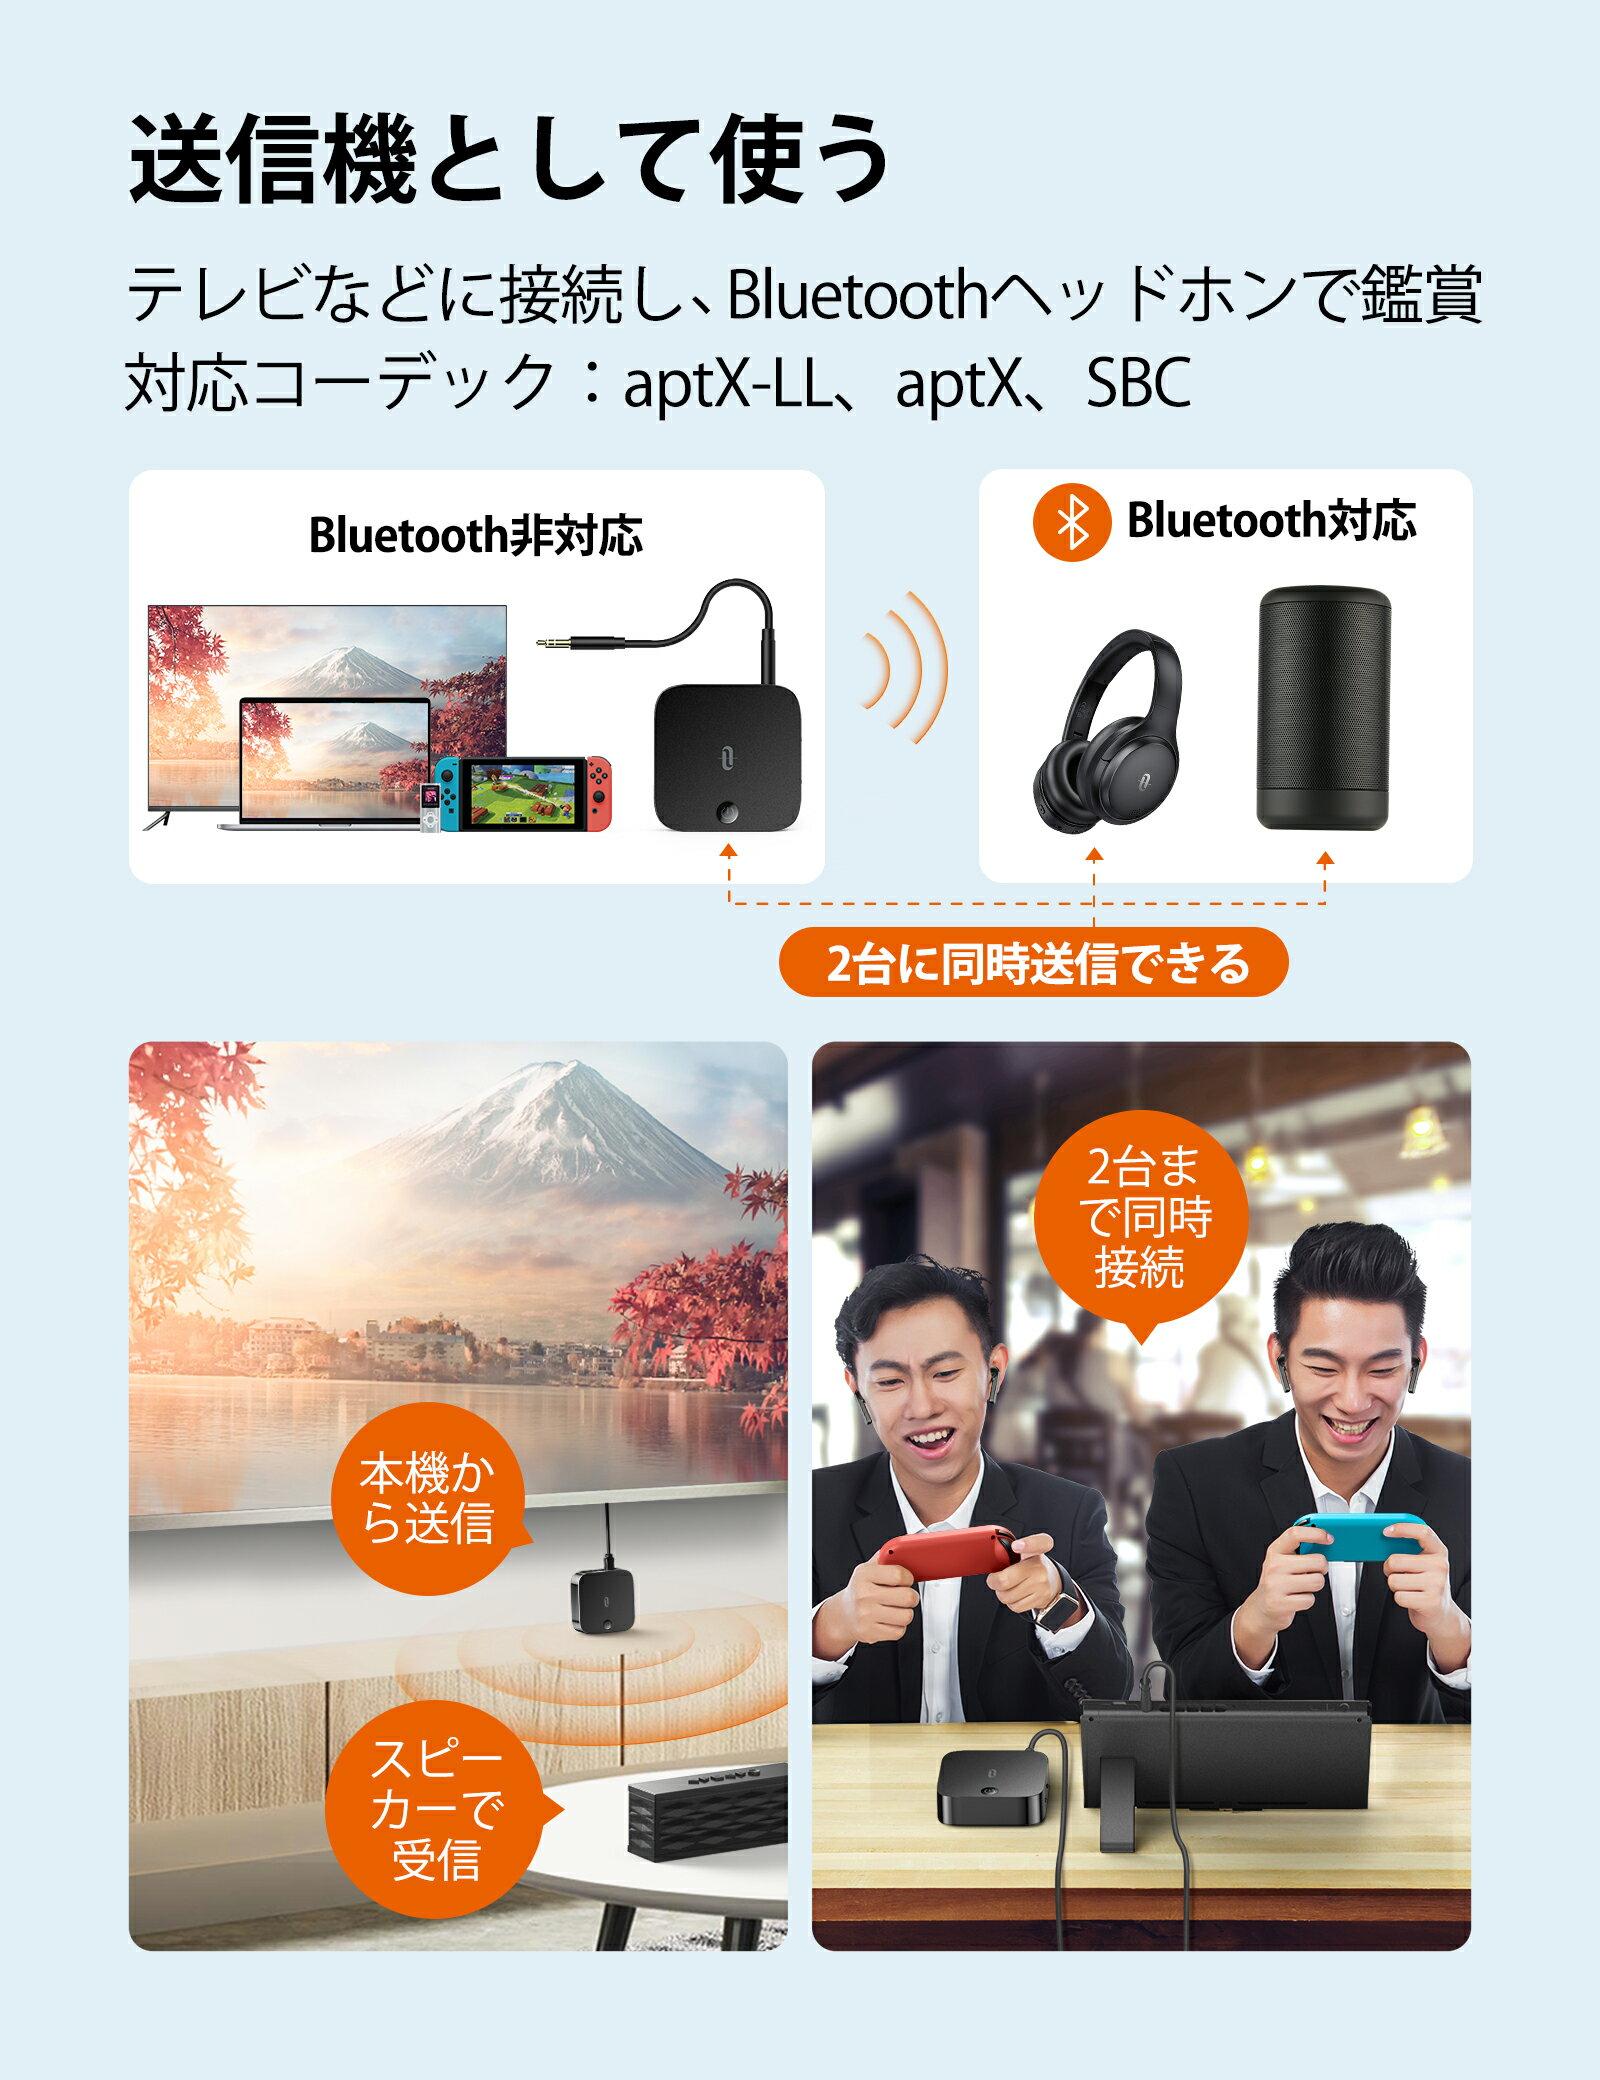 【光デジタル端子】TaoTronicsBluetoothトランスミッターレシーバーaptx-LL低延遅Bluetooth5.0受信機送信機15時間再生2台同時接続充電しながら使用可一台二役小型TT-BA09テレビ用ワイヤレスイヤホン